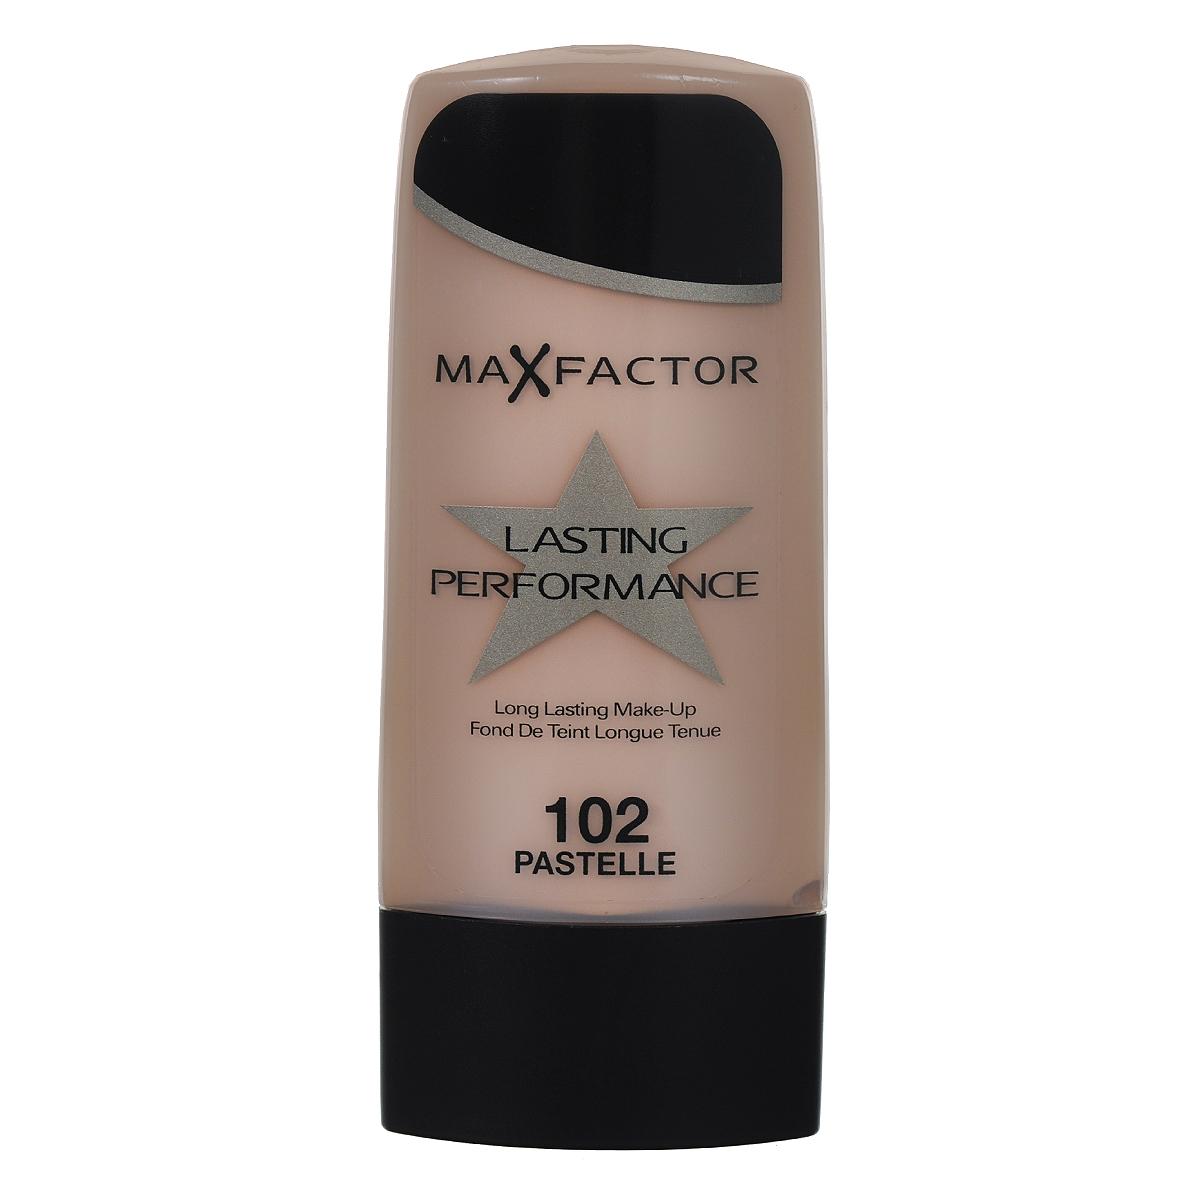 Max Factor Основа под макияж Lasting Perfomance, тон №102 Pastelle, 35 мл81455016Max Factor Lasting Perfomance - великолепная, по-настоящему стойкая тональная основа. Держится в течение 8 часов, не смазываясь и не оставляя следов на одежде. Создает красивый полуматовый эффект. Скрывая недостатки кожи, дарит ощущение легкости и естественности. Не ложится на кожу полосами, не забивает поры и не вызывает появления угревой сыпи. Без запаха. Одна из причин, по которой нанесенный на кожу Lasting Performance не вызывает ощущения чего-то неестественного, это входящие в его состав силиконы. Они делают основу более легкой и менее жирной. Товар сертифицирован.